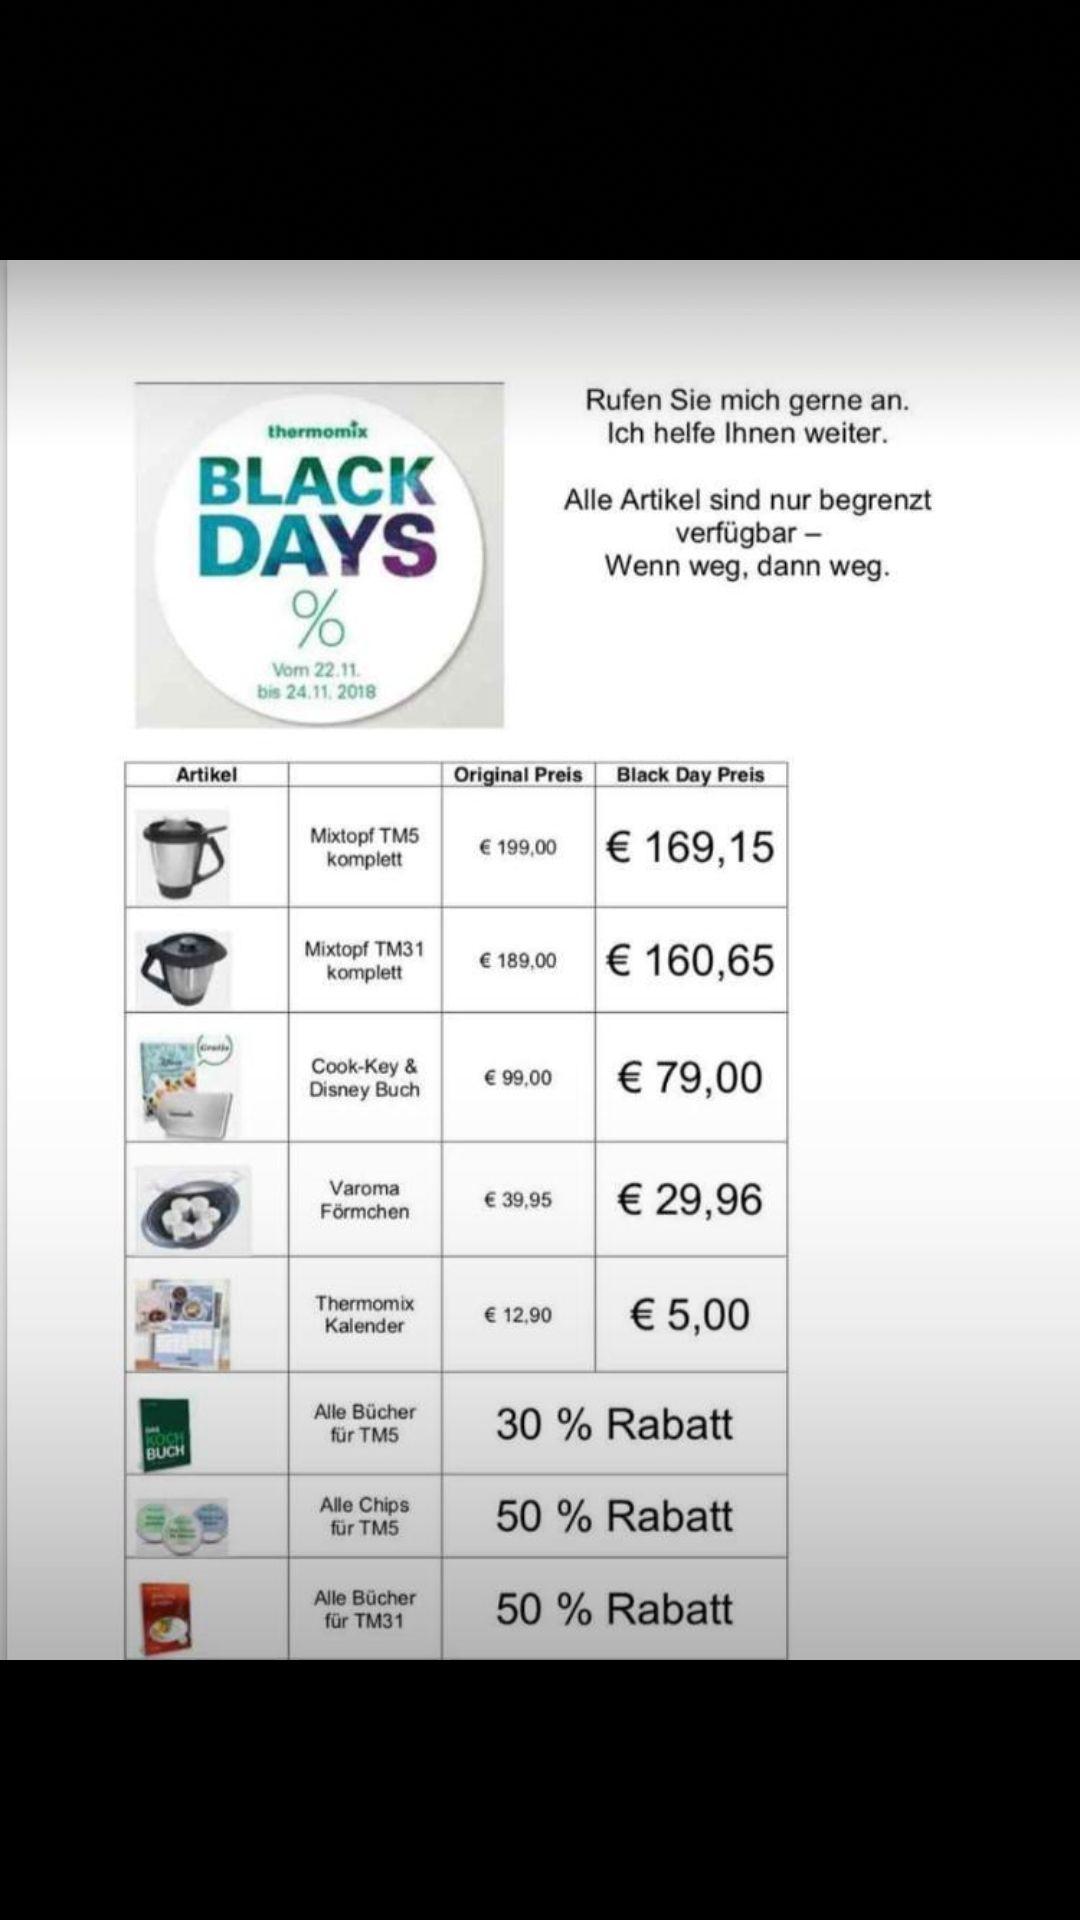 Vorwerk Thermomix Black Days z.B. Mixtopf für TM5 169,15€, Kochbücher 30%/50%